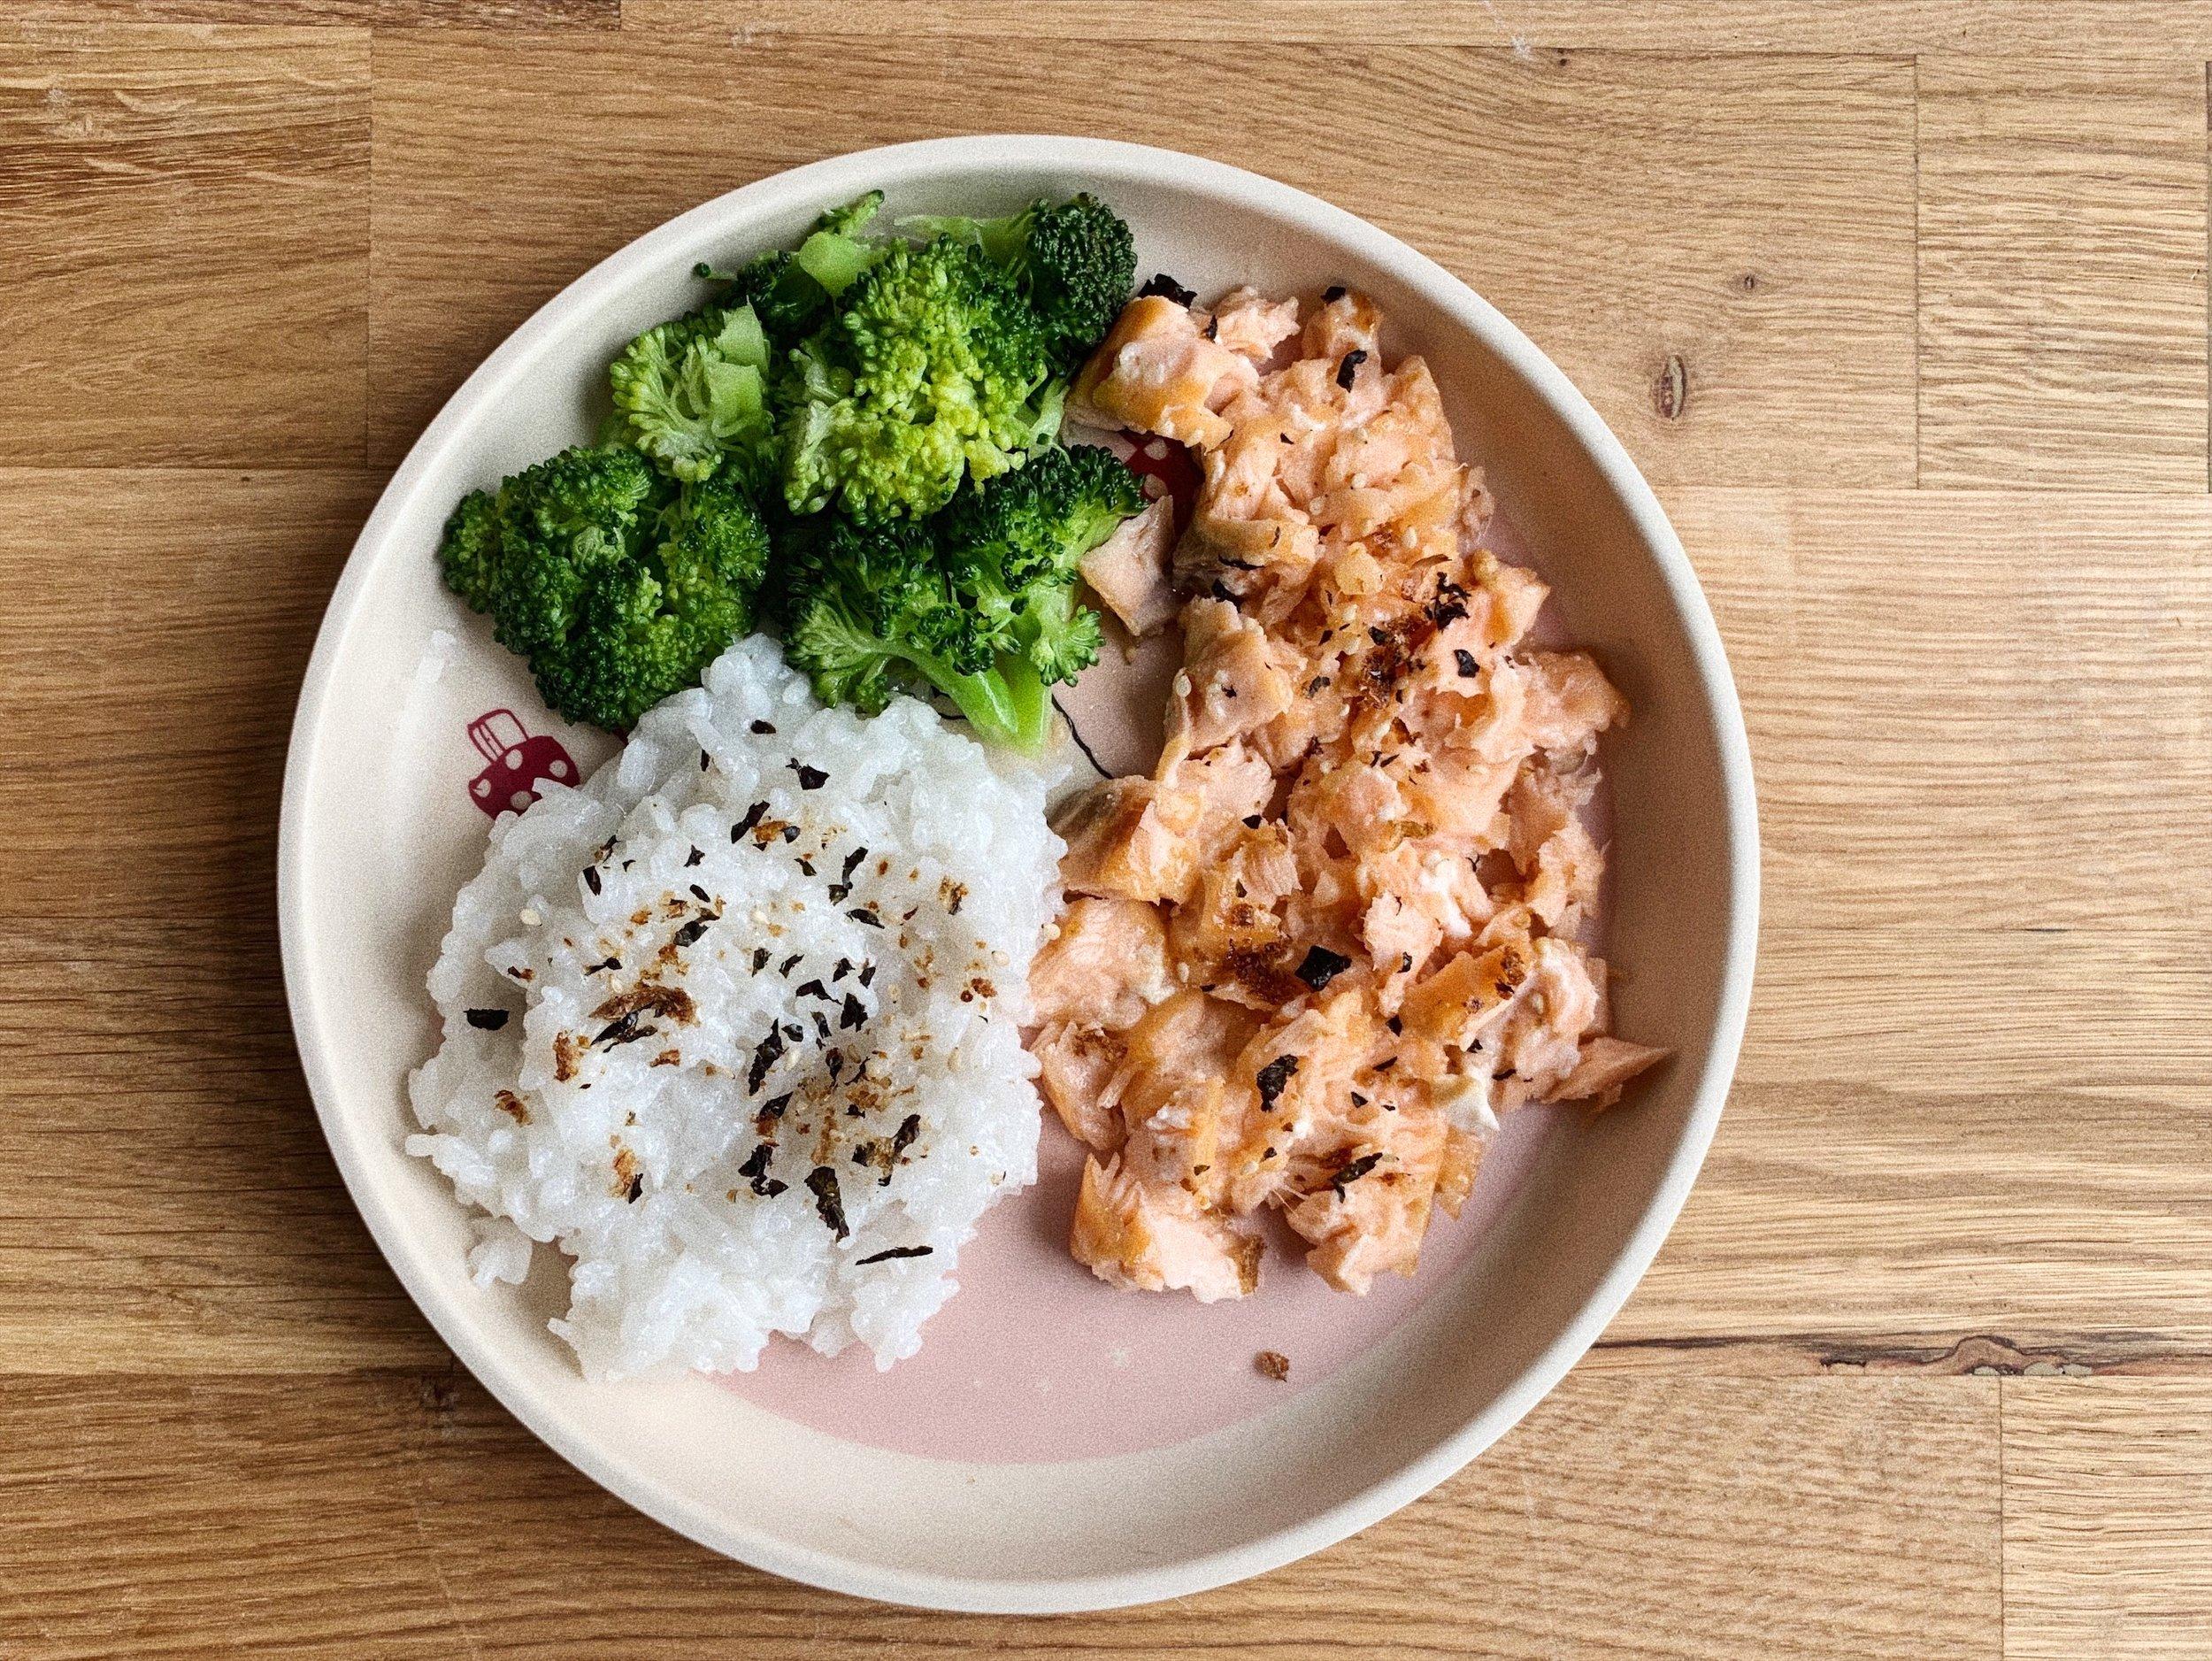 """Взривоопасна комбинация от """"силни и опасни алергени"""" и """"японски измислици"""" - сьомга, маринована с мисо, и ориз с кокосово мляко, поръсени с фурикаке"""